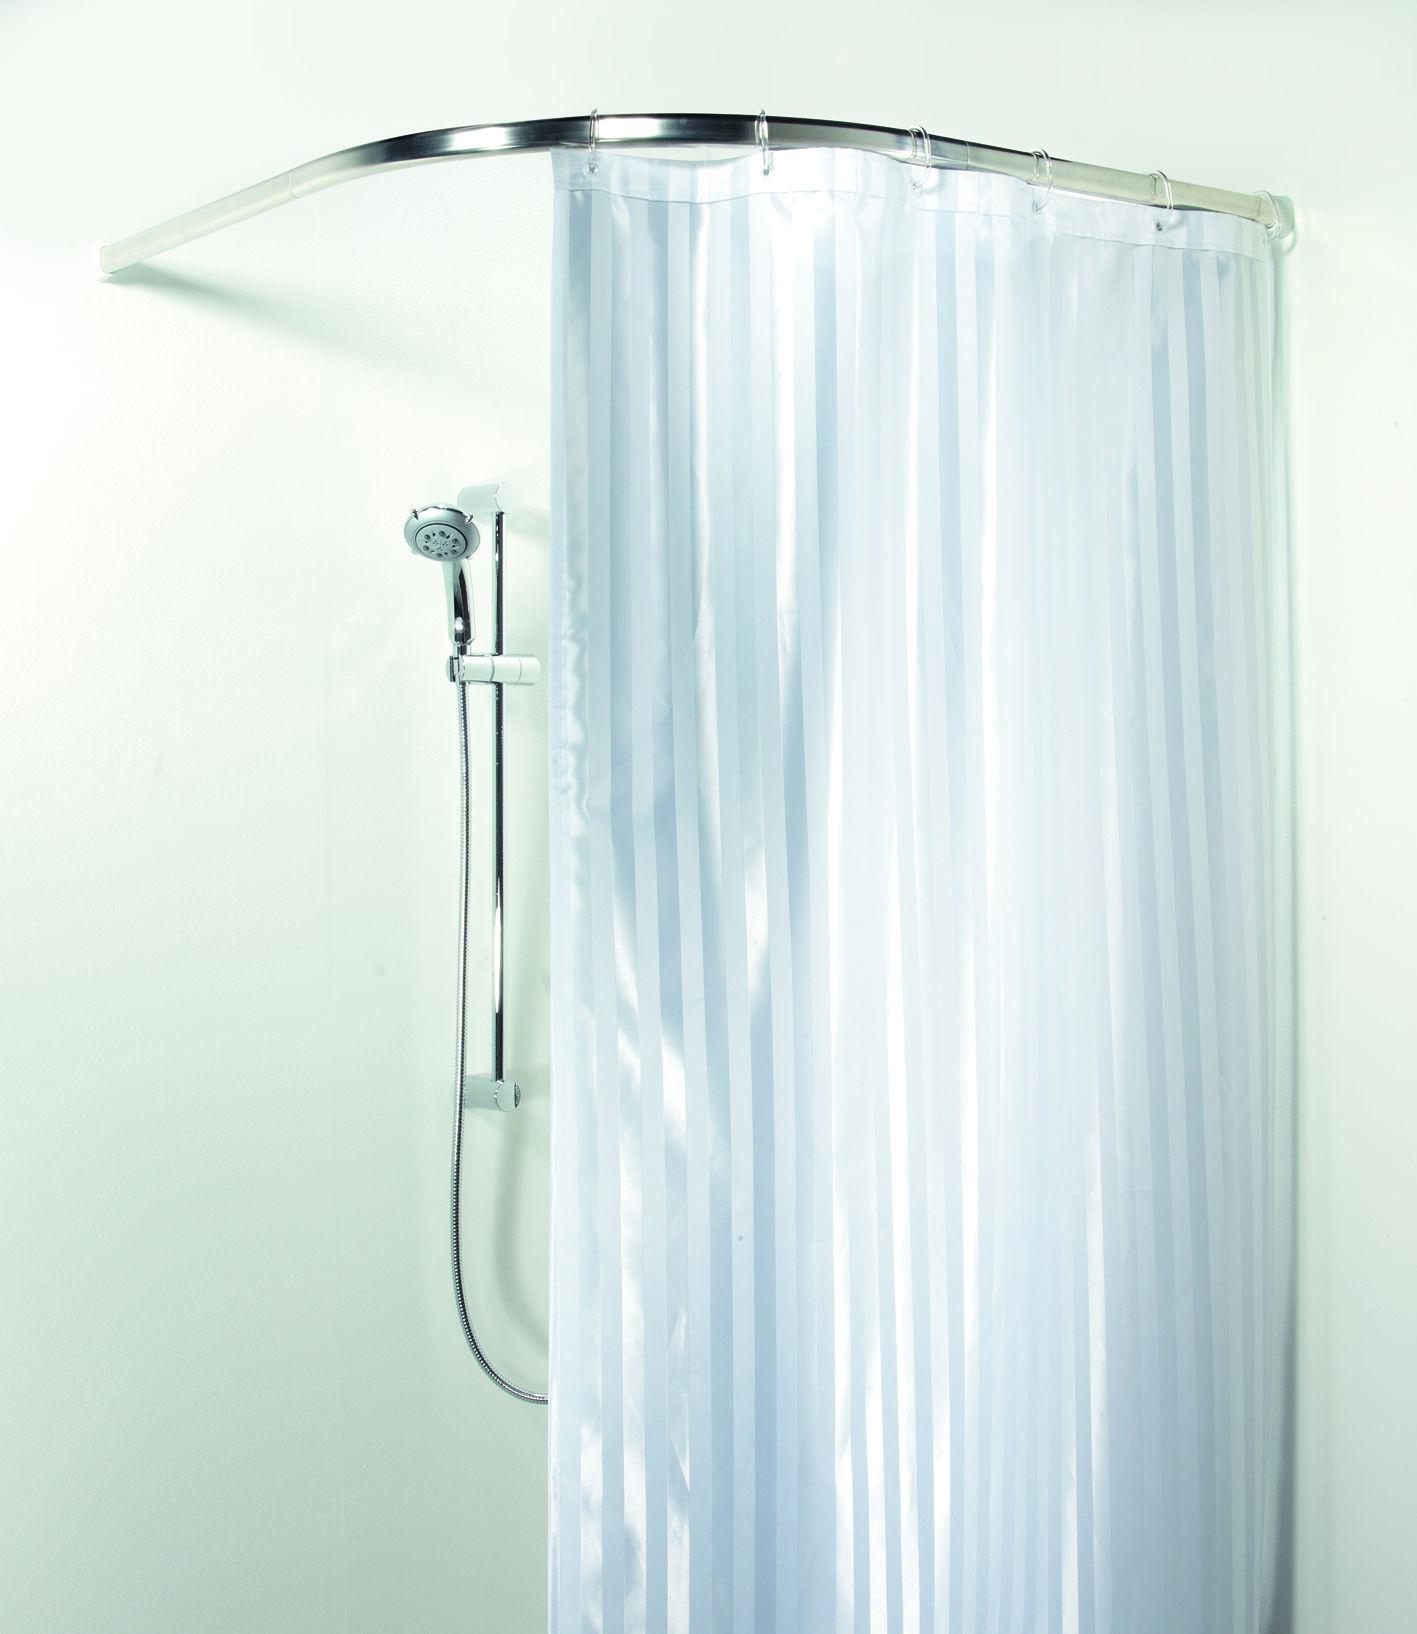 Вертикальные светлые полосы на шторке зрительно удлинят ванную комнату с невысокими потолками